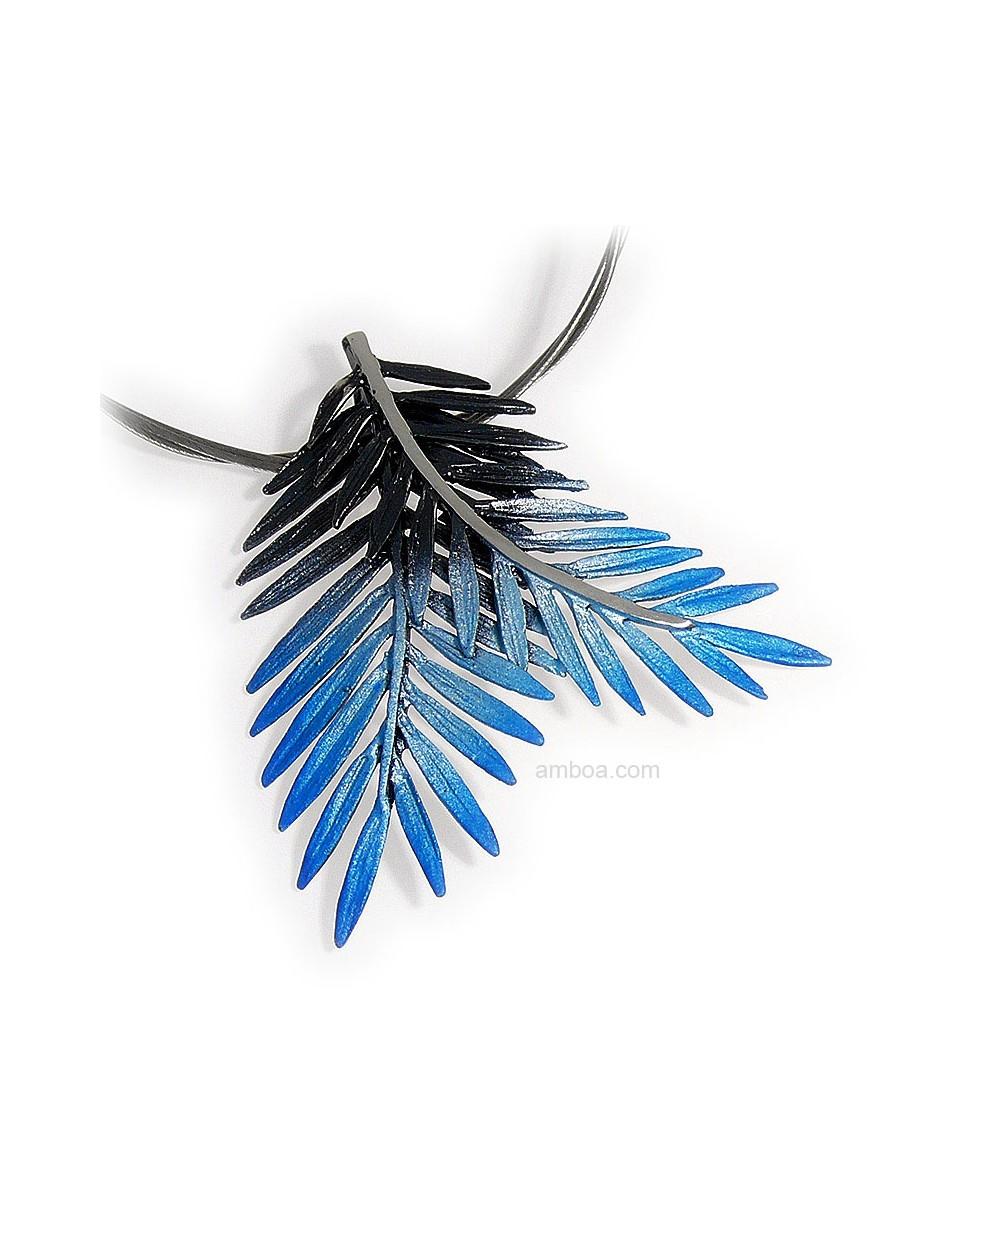 colgante Male pequeños orfega plata simeltech azul